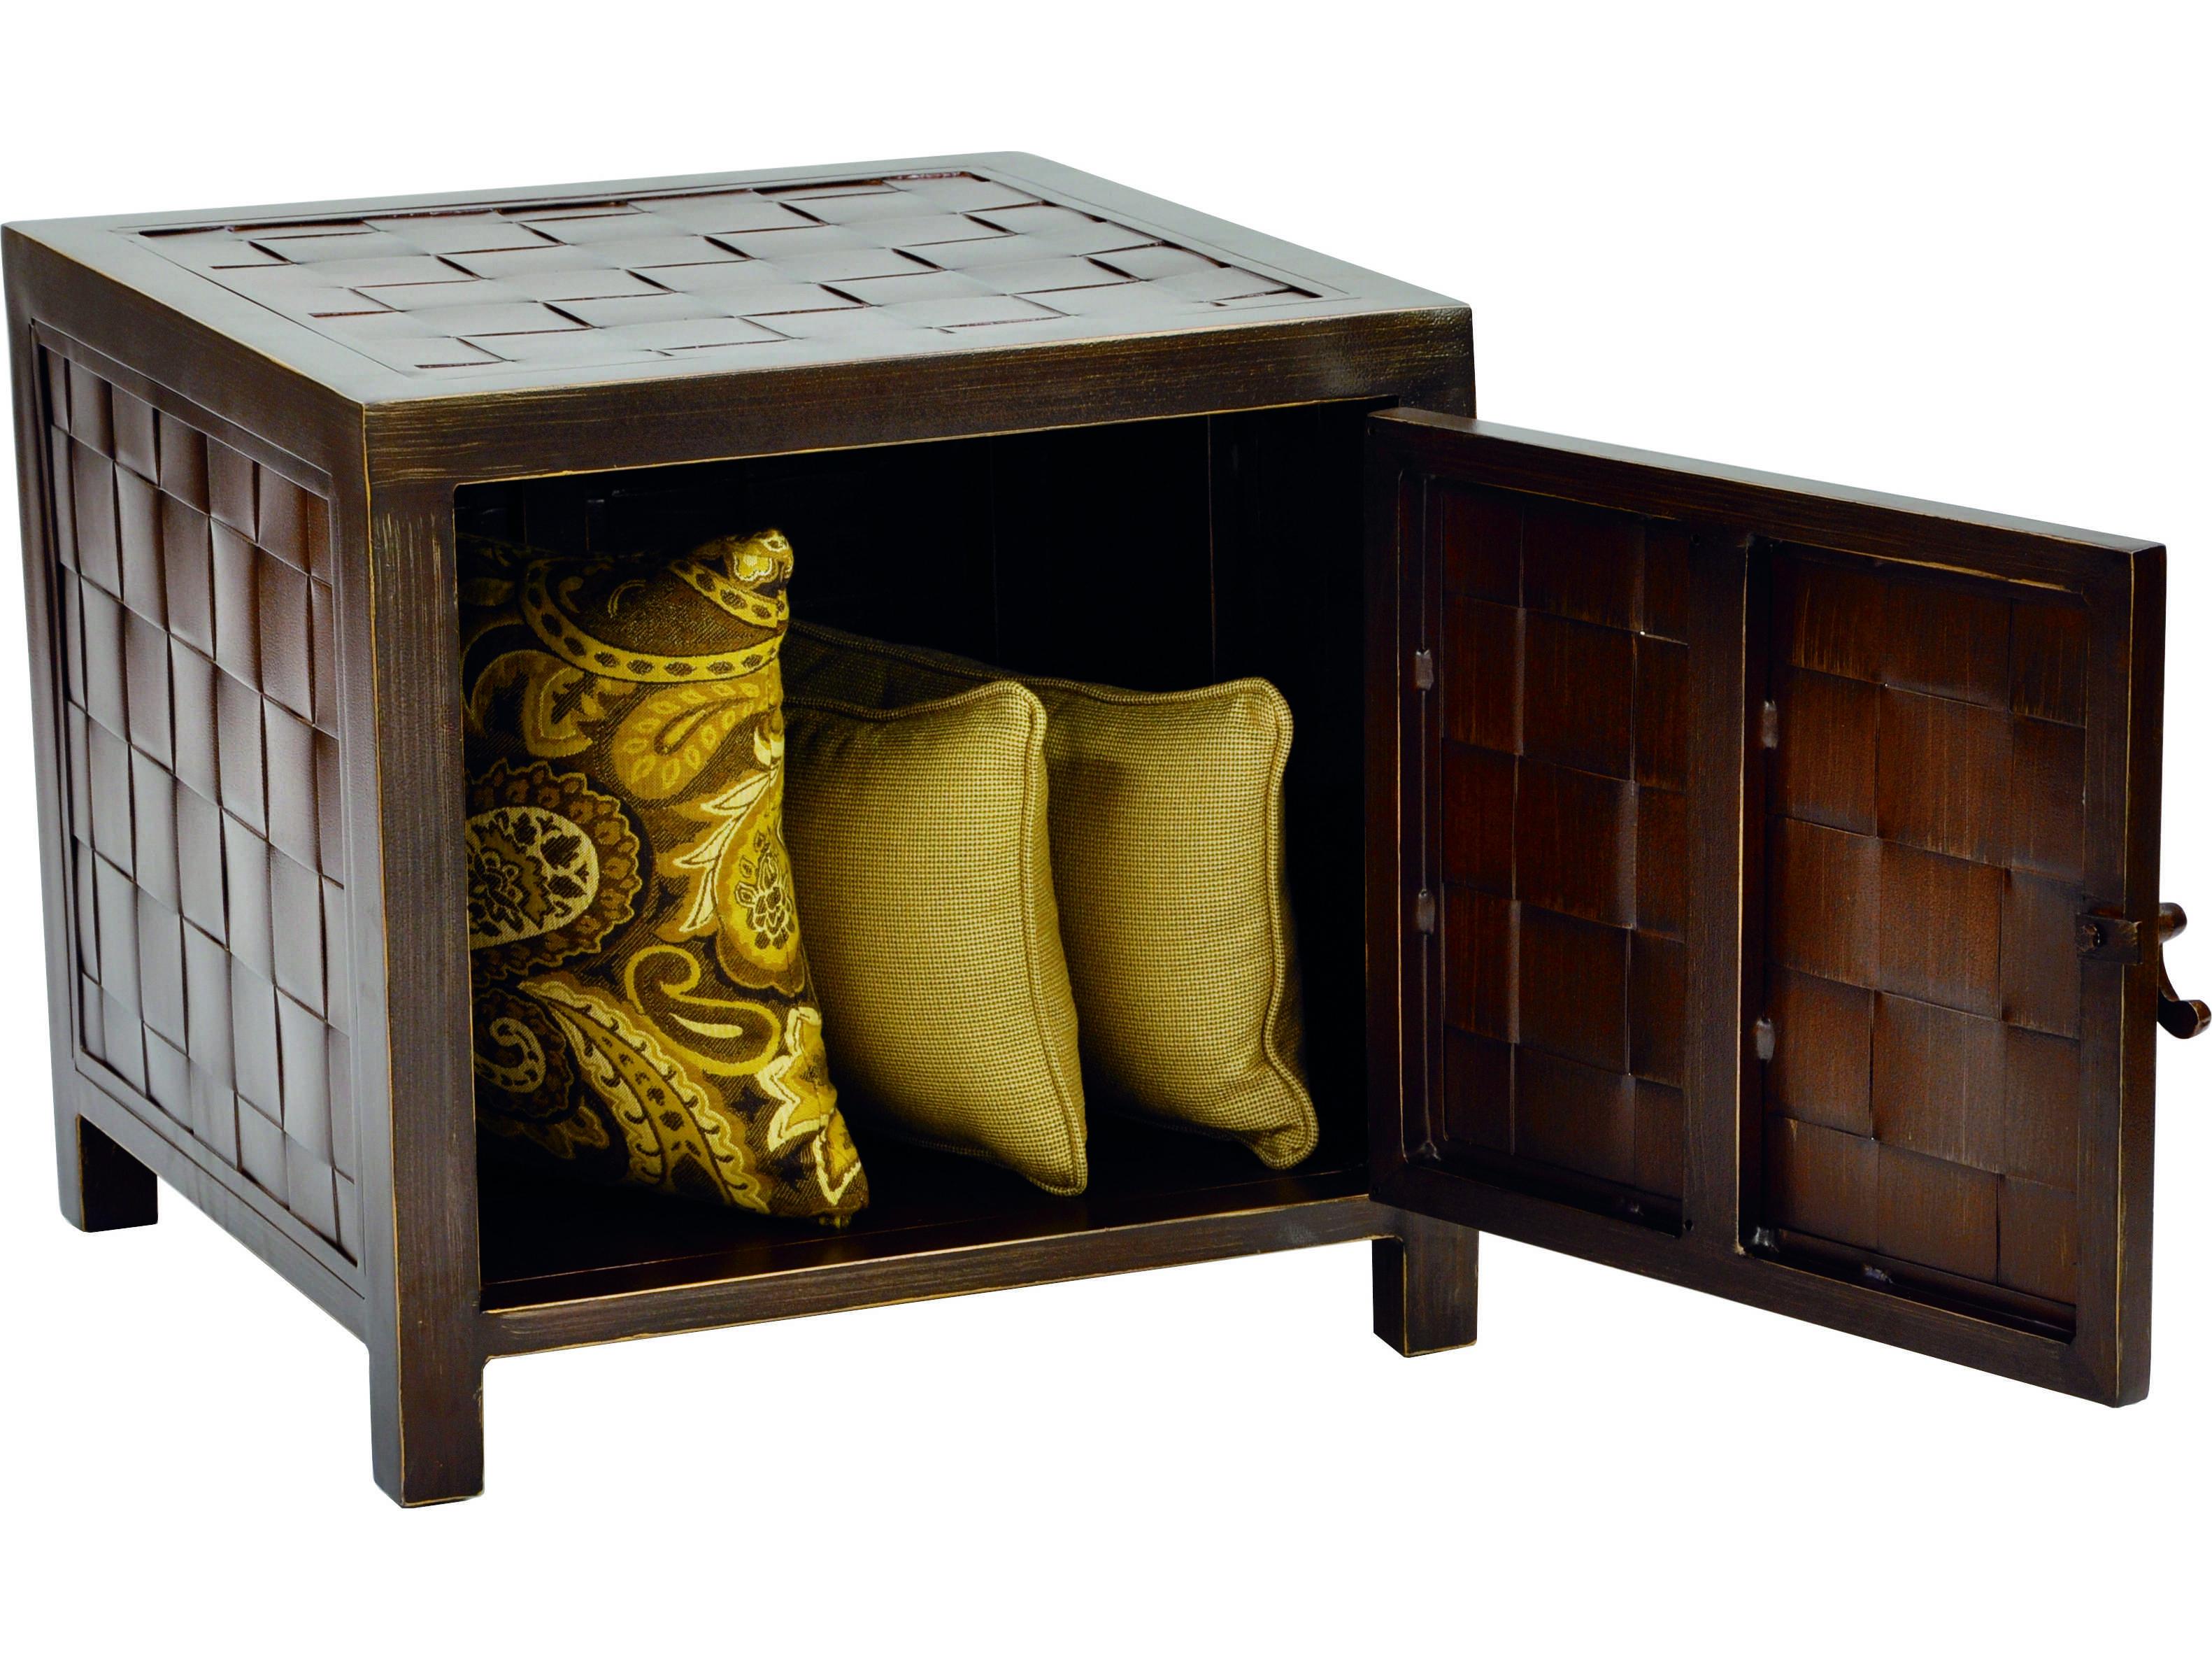 Castelle Cast Aluminum 20 Square Storage End Table VSS20 : PFVSS202zm from luxedecor.com size 3163 x 2373 jpeg 1667kB